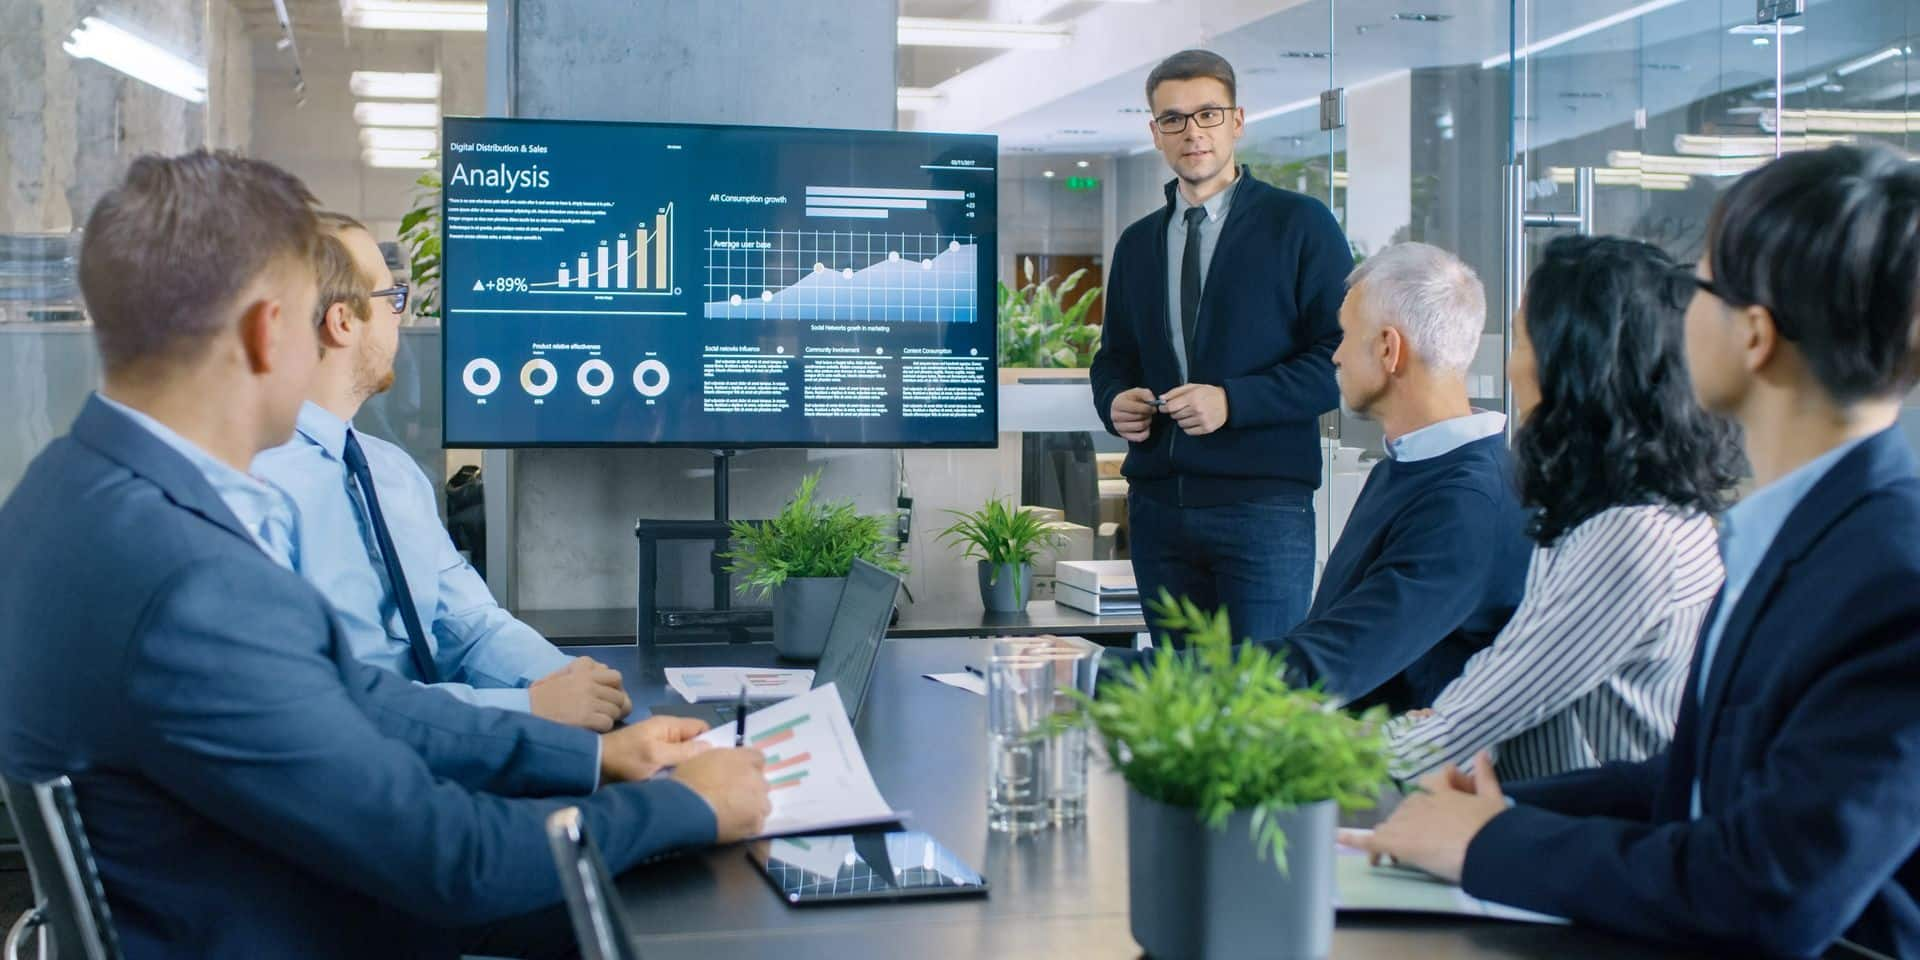 """70% des chefs d'entreprise estiment que la pandémie a eu un effet négatif pour leur entreprise, mais 20% font tout de même état d'un """"impact positif global""""."""